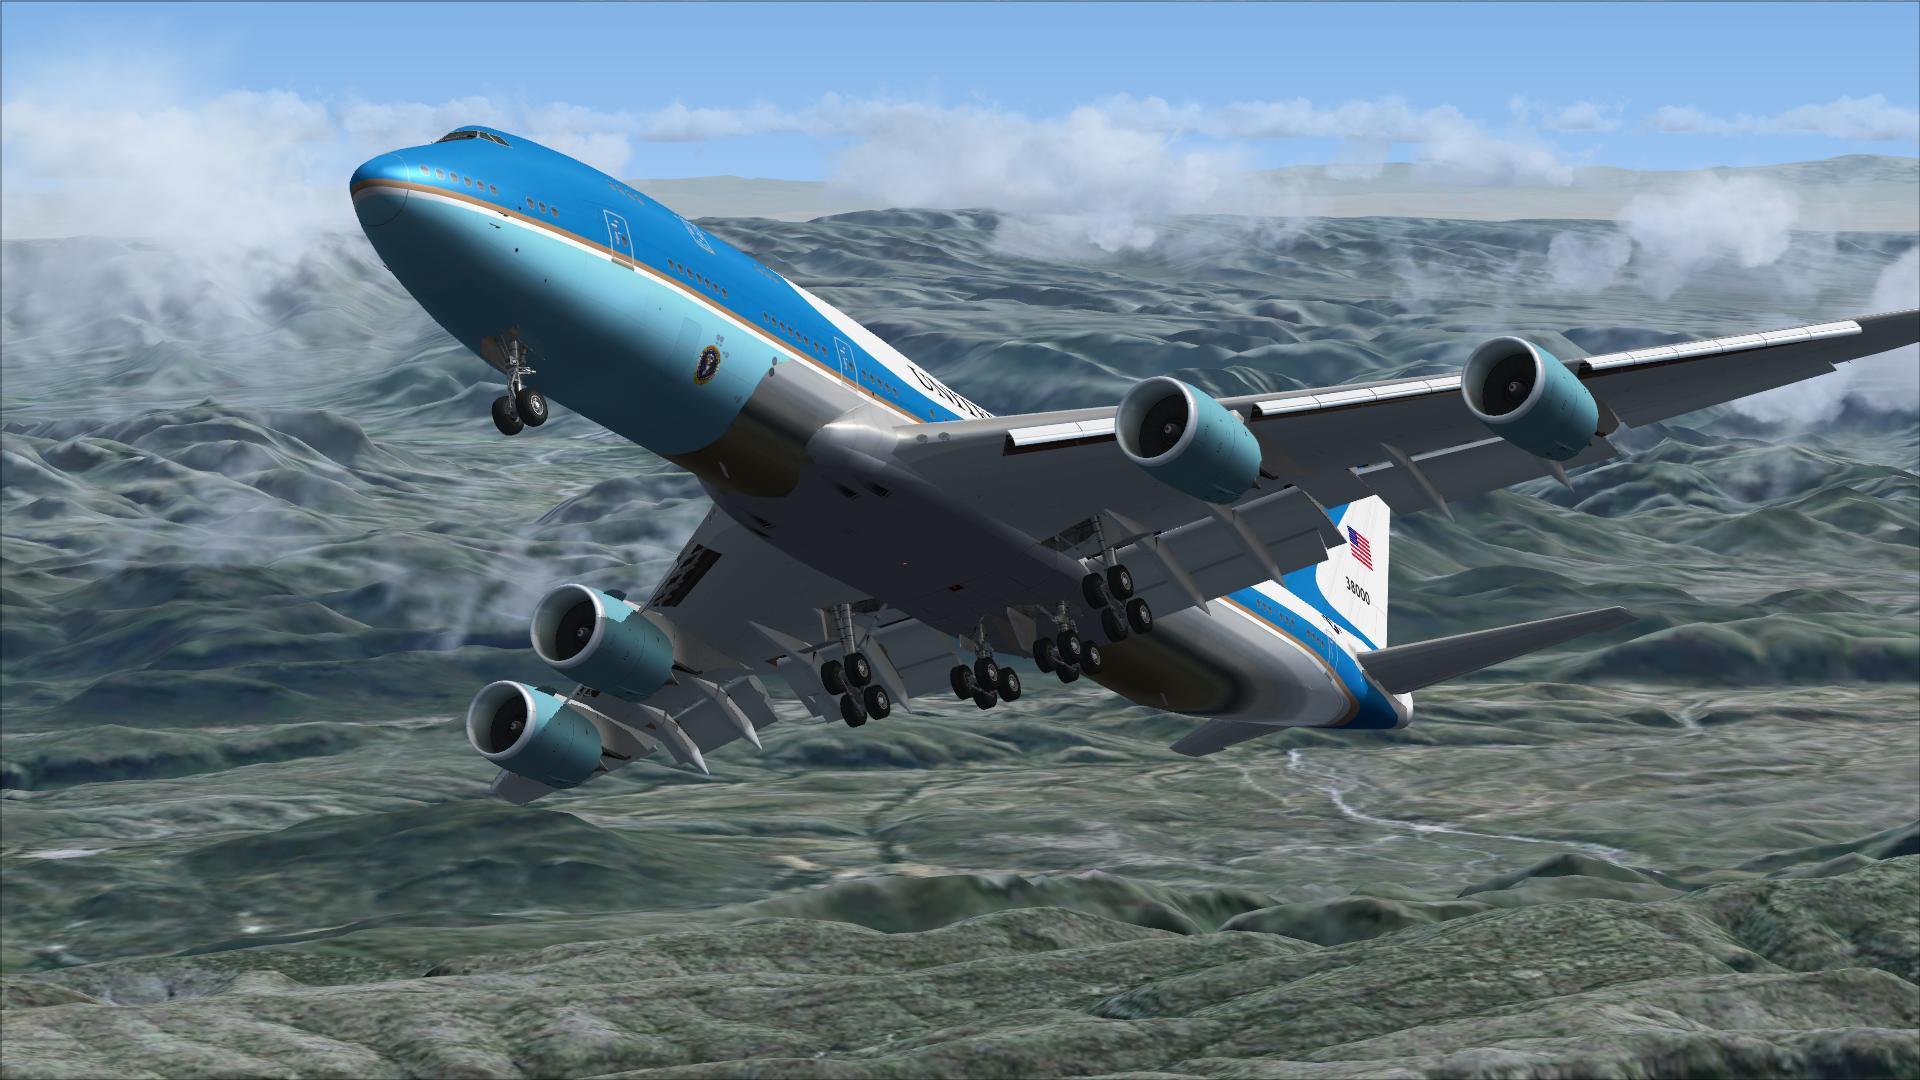 Risultati immagini per 747 Air Force One HD